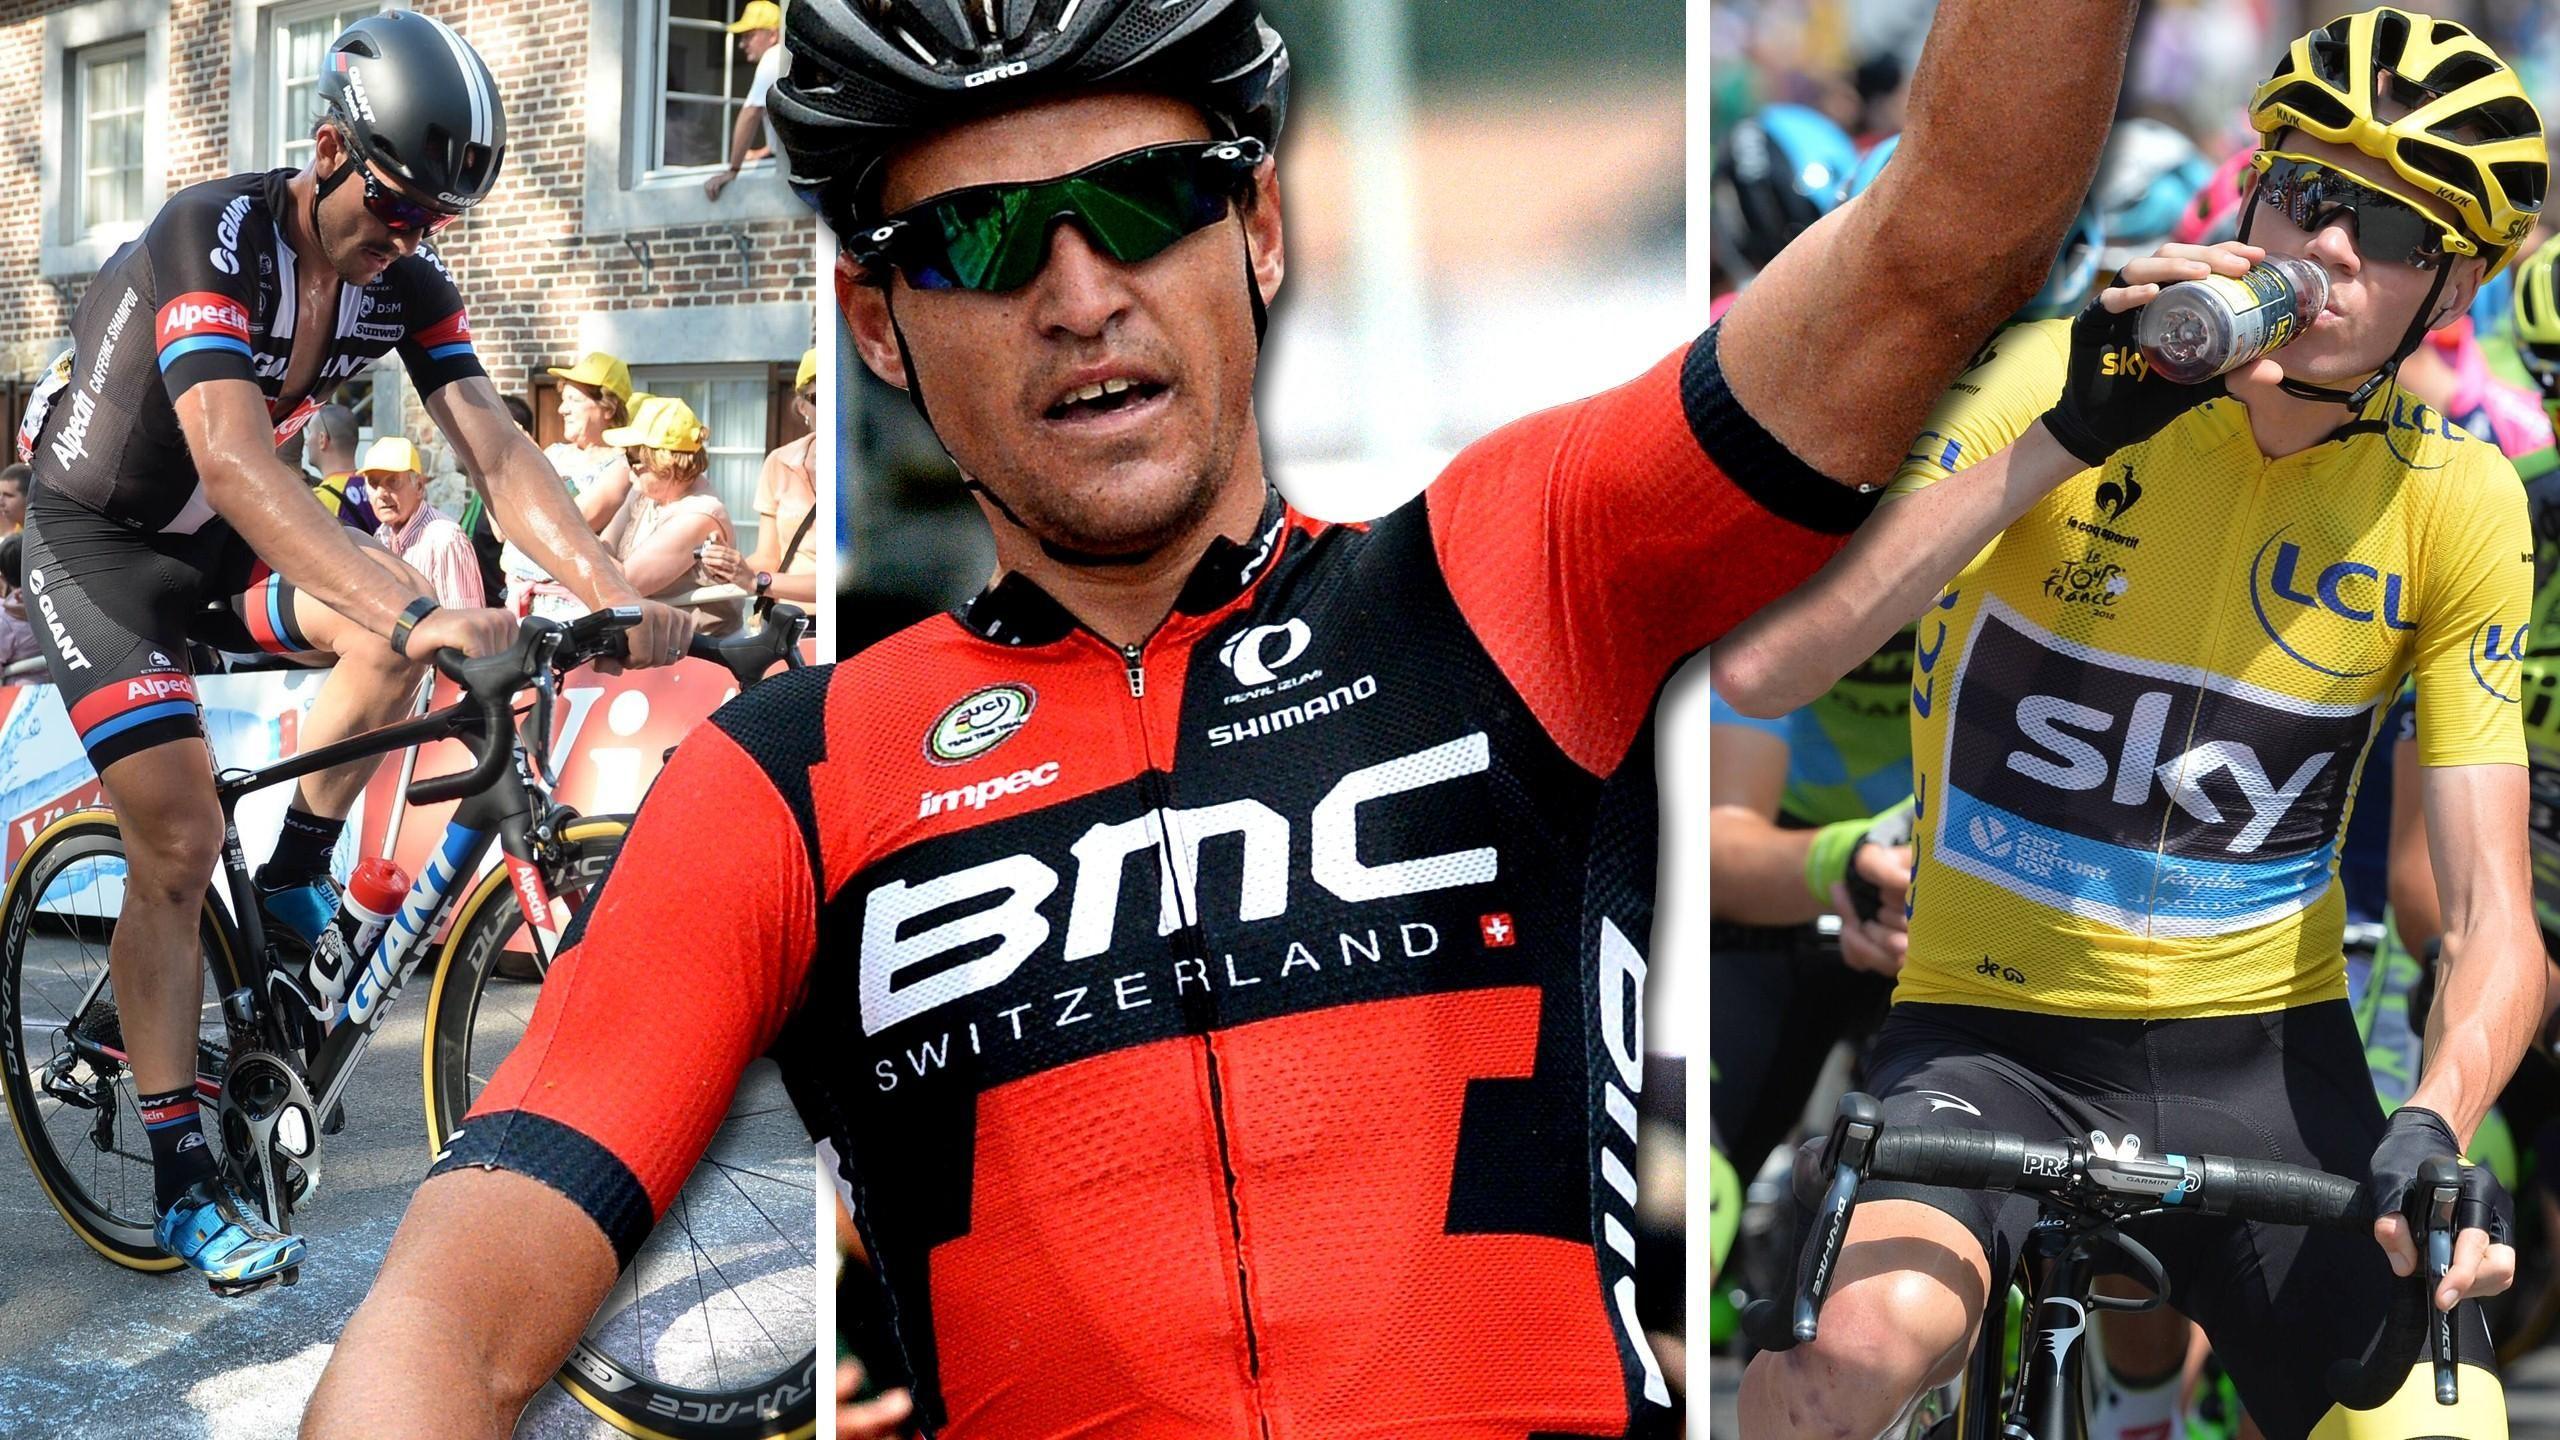 Tour de France - Van Avermaet zu stark f�r Sagan und Degenkolb, Froome verteidigt Gelb